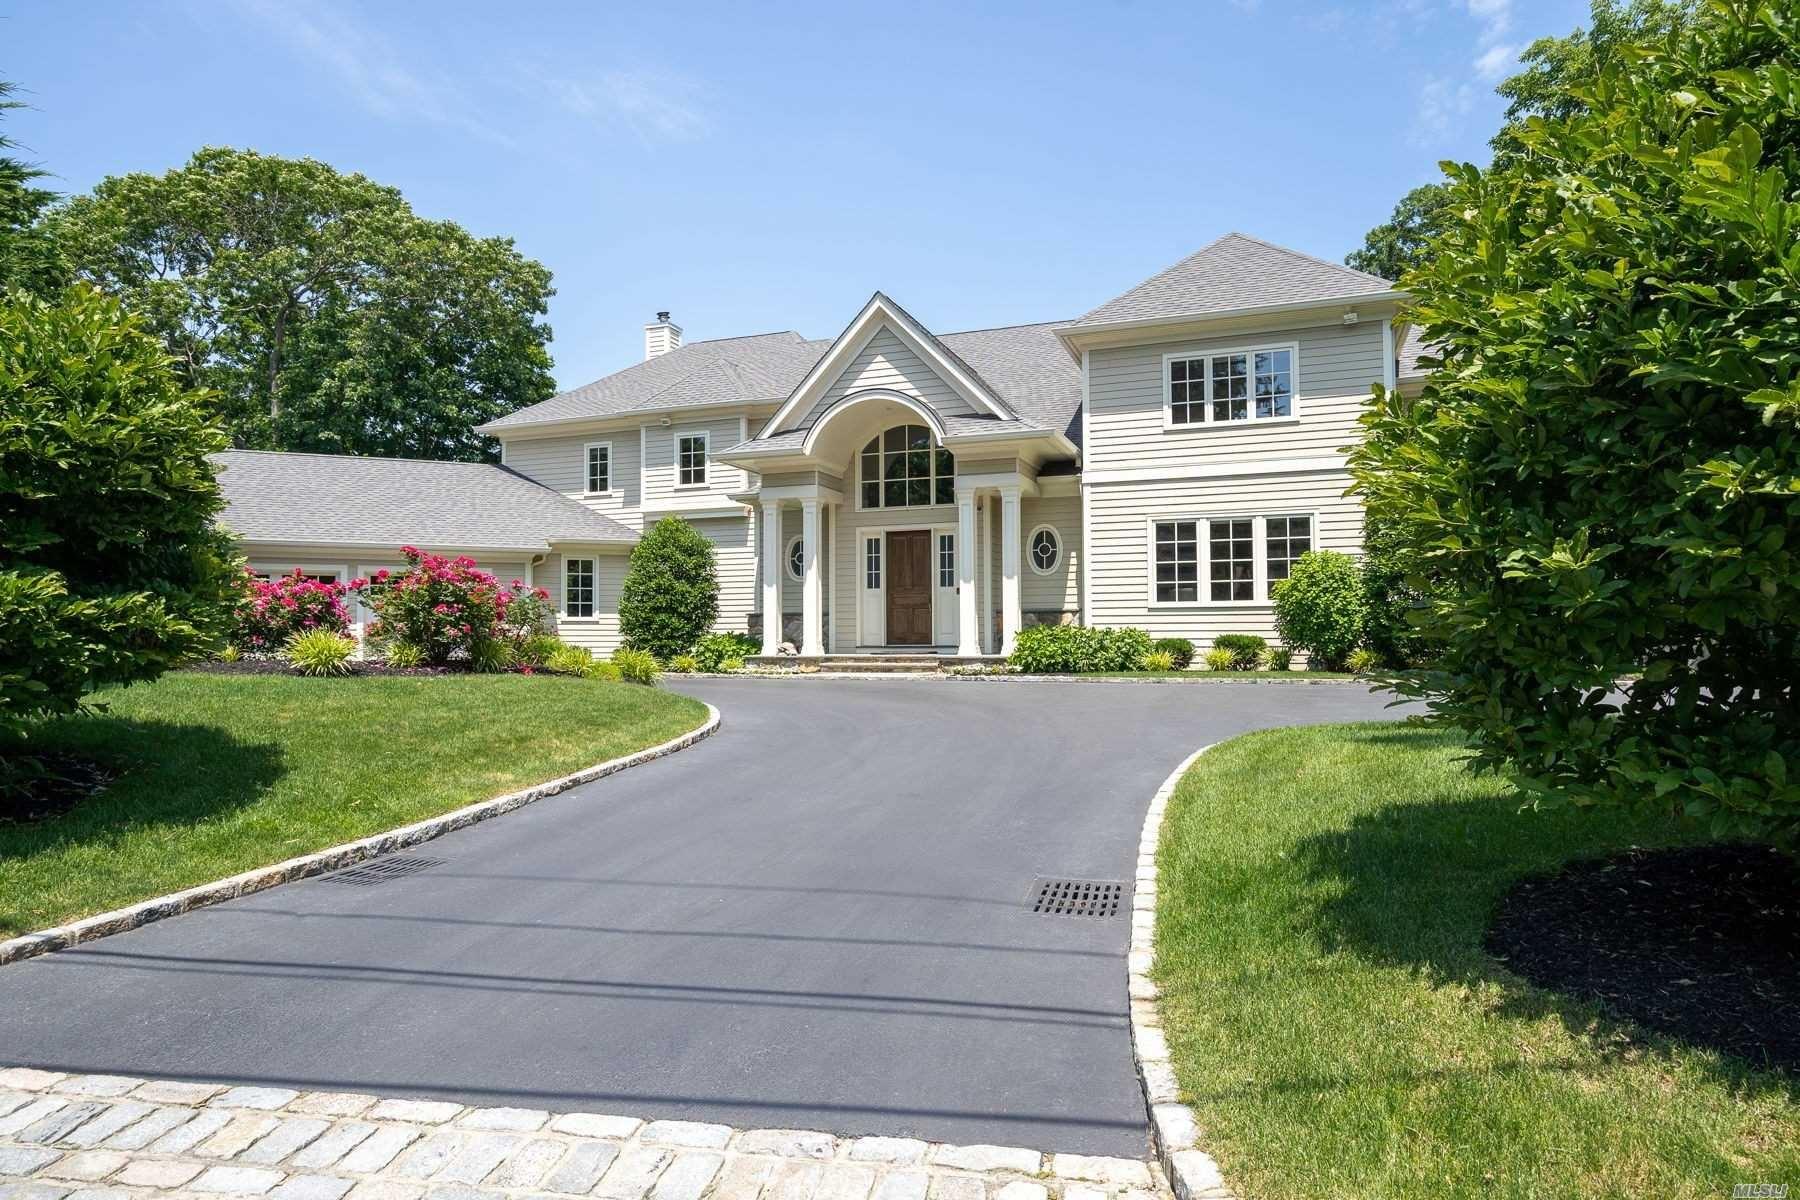 1 Ridge Drive, Melville, NY 11747 - MLS#: 3227303